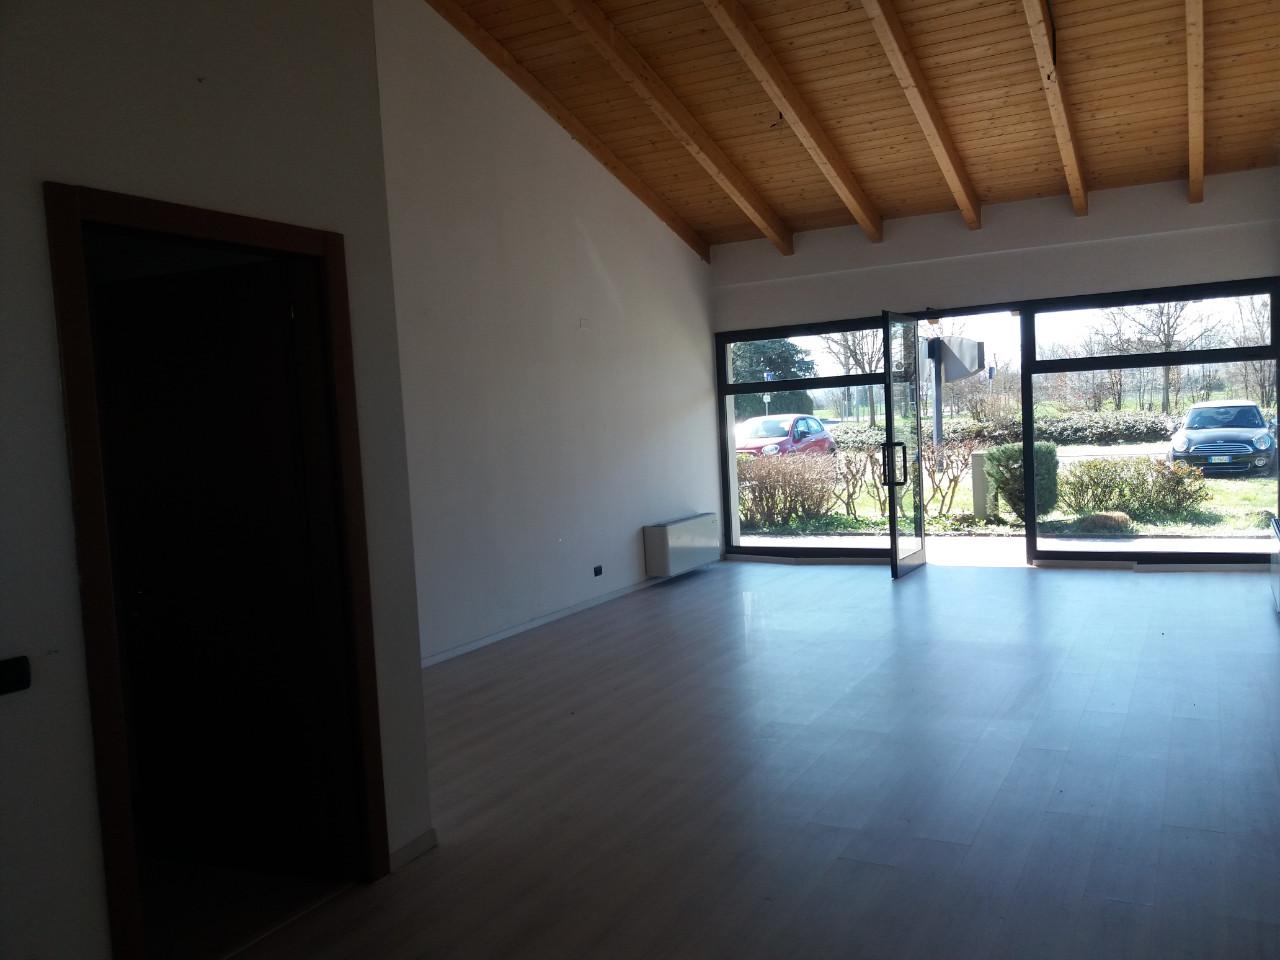 Negozio in vendita Reggio Emilia Zona Gaida